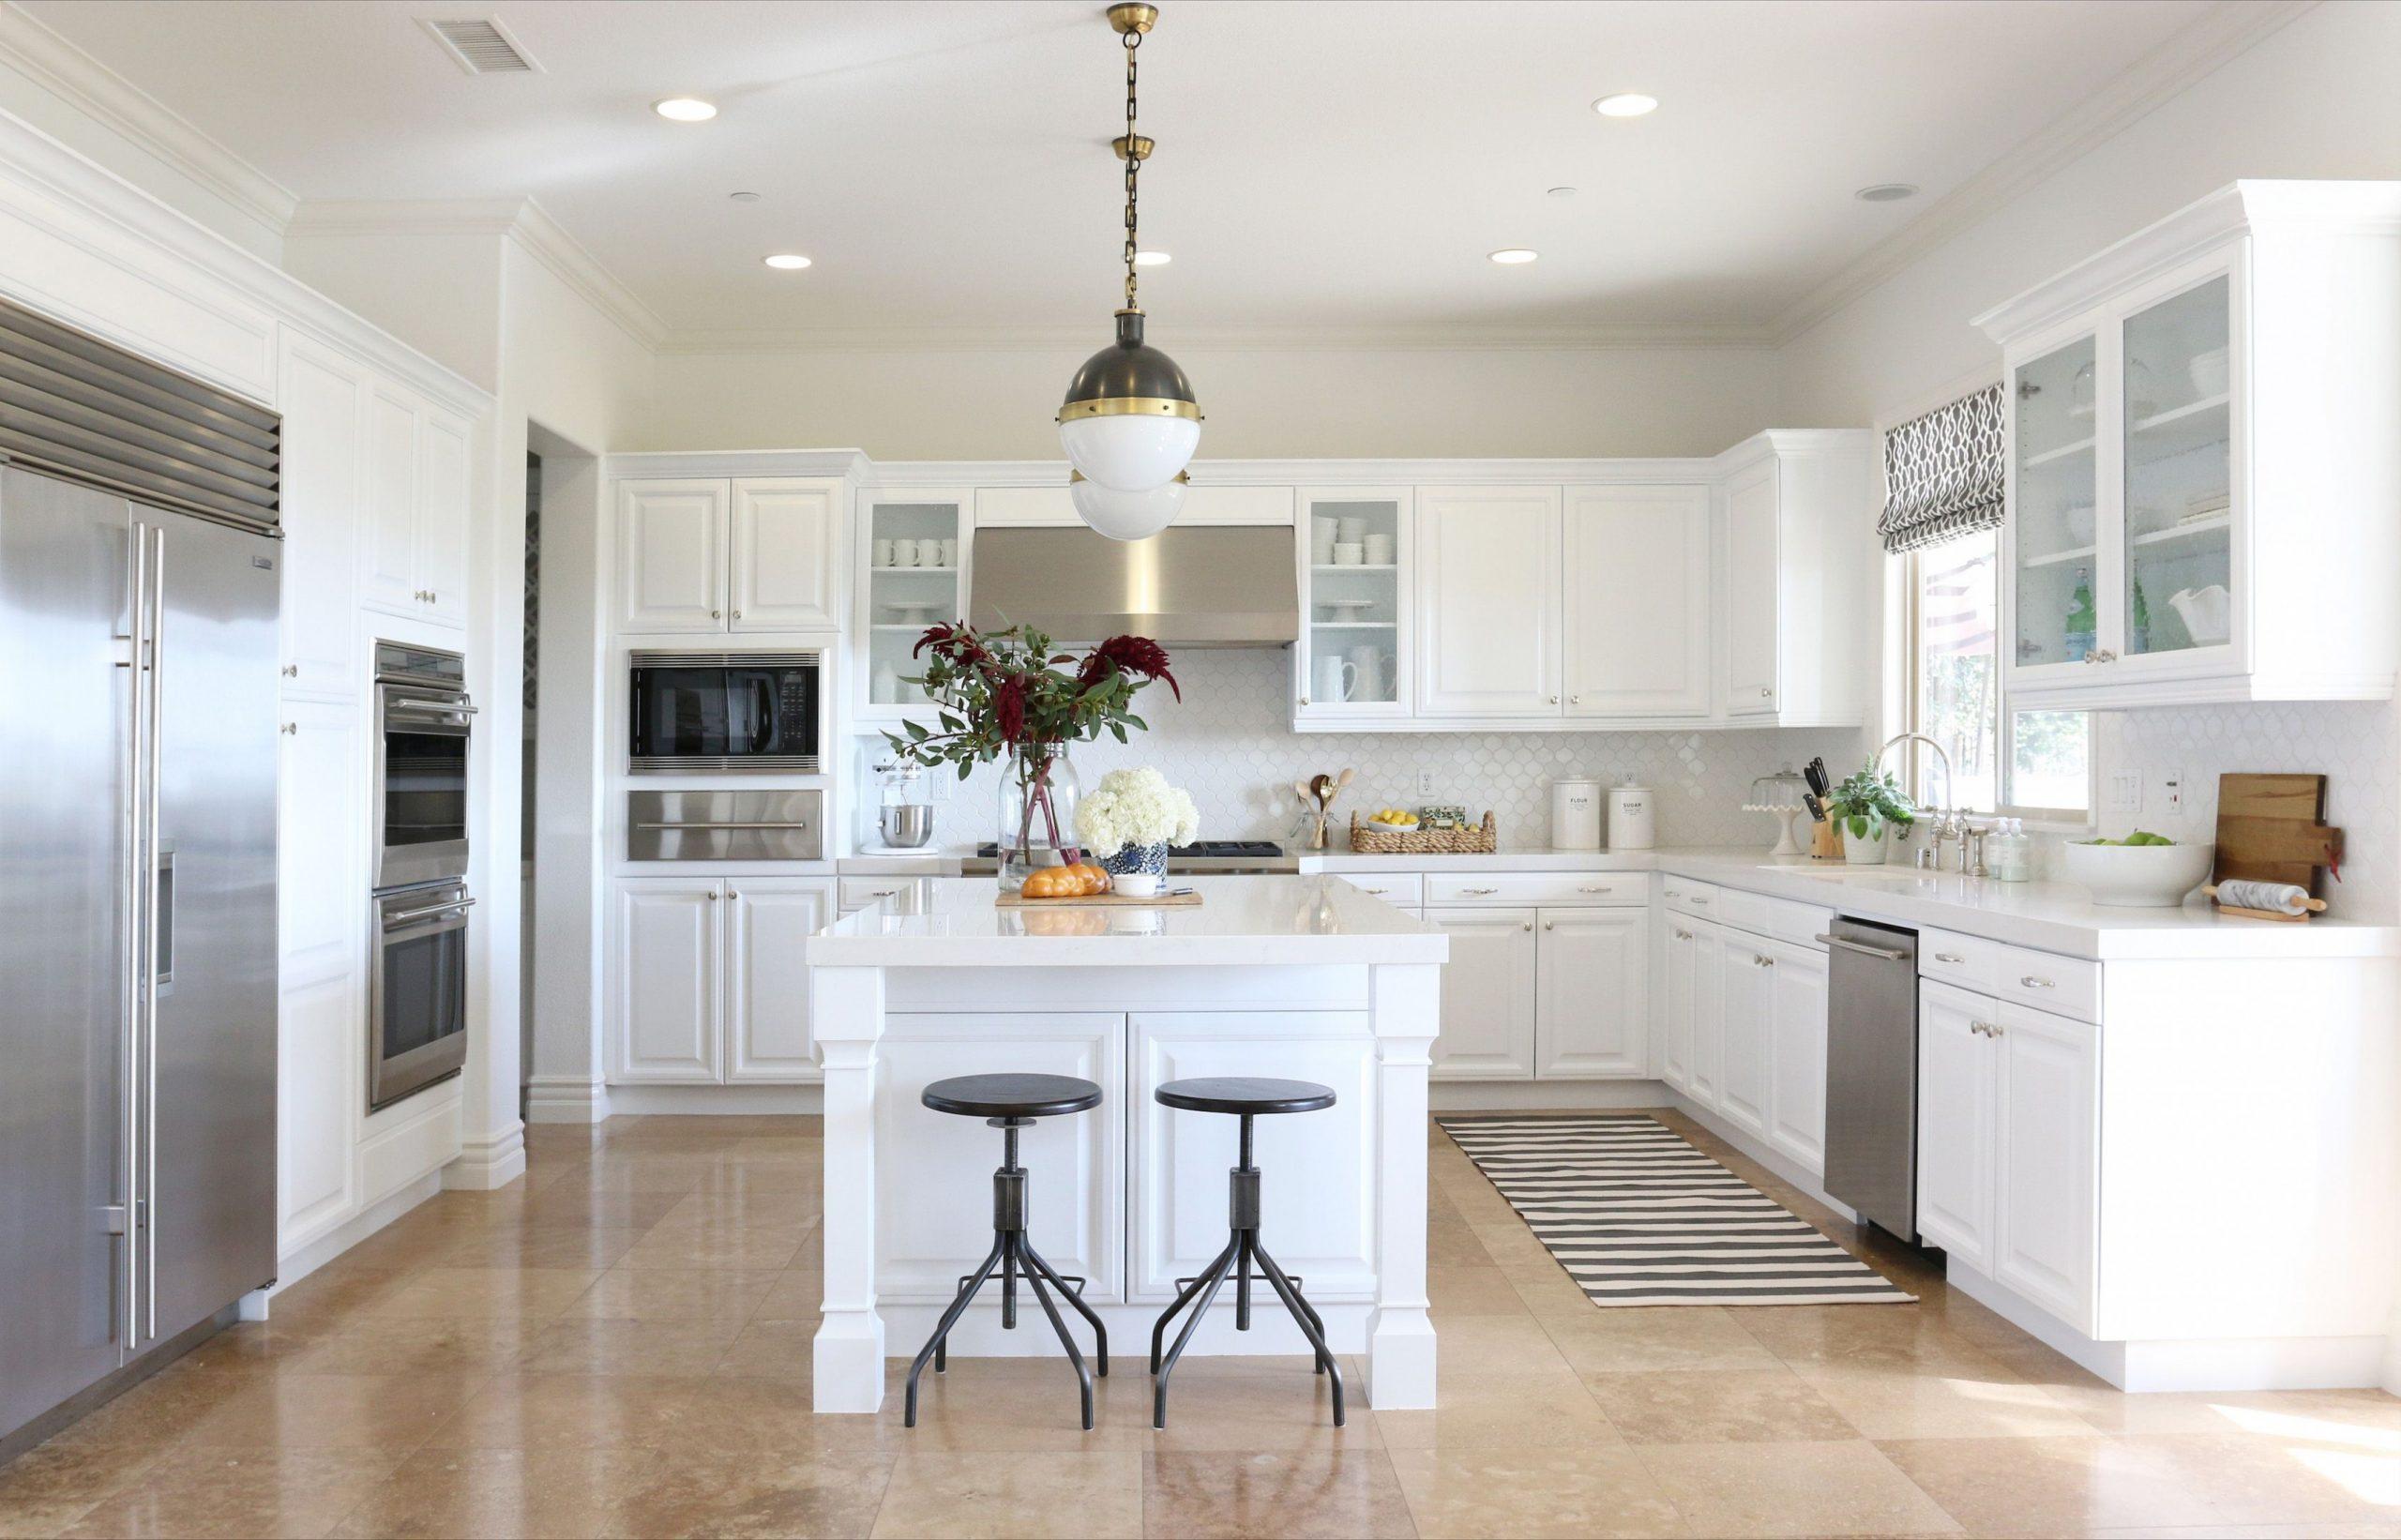 8 Best White Kitchen Cabinets - Design Ideas for White Cabinets - Best White Painted Kitchen Cabinets